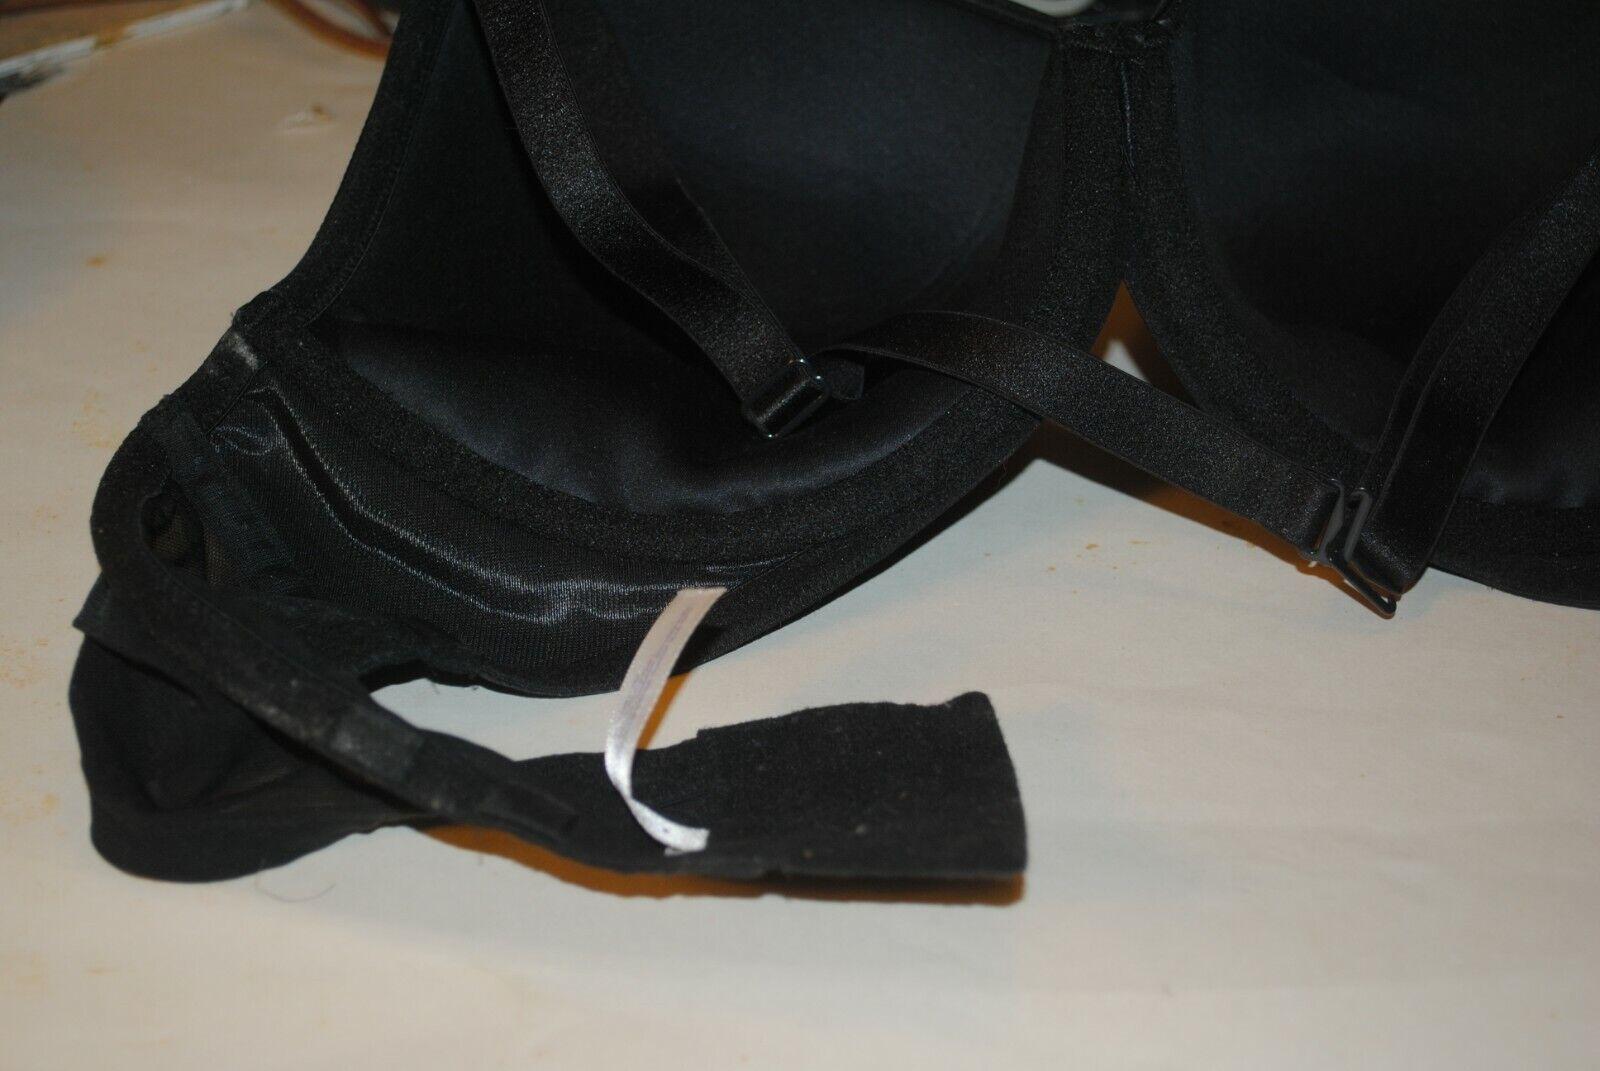 Cacique Brand 44C Black Ladies Brassiere - image 5